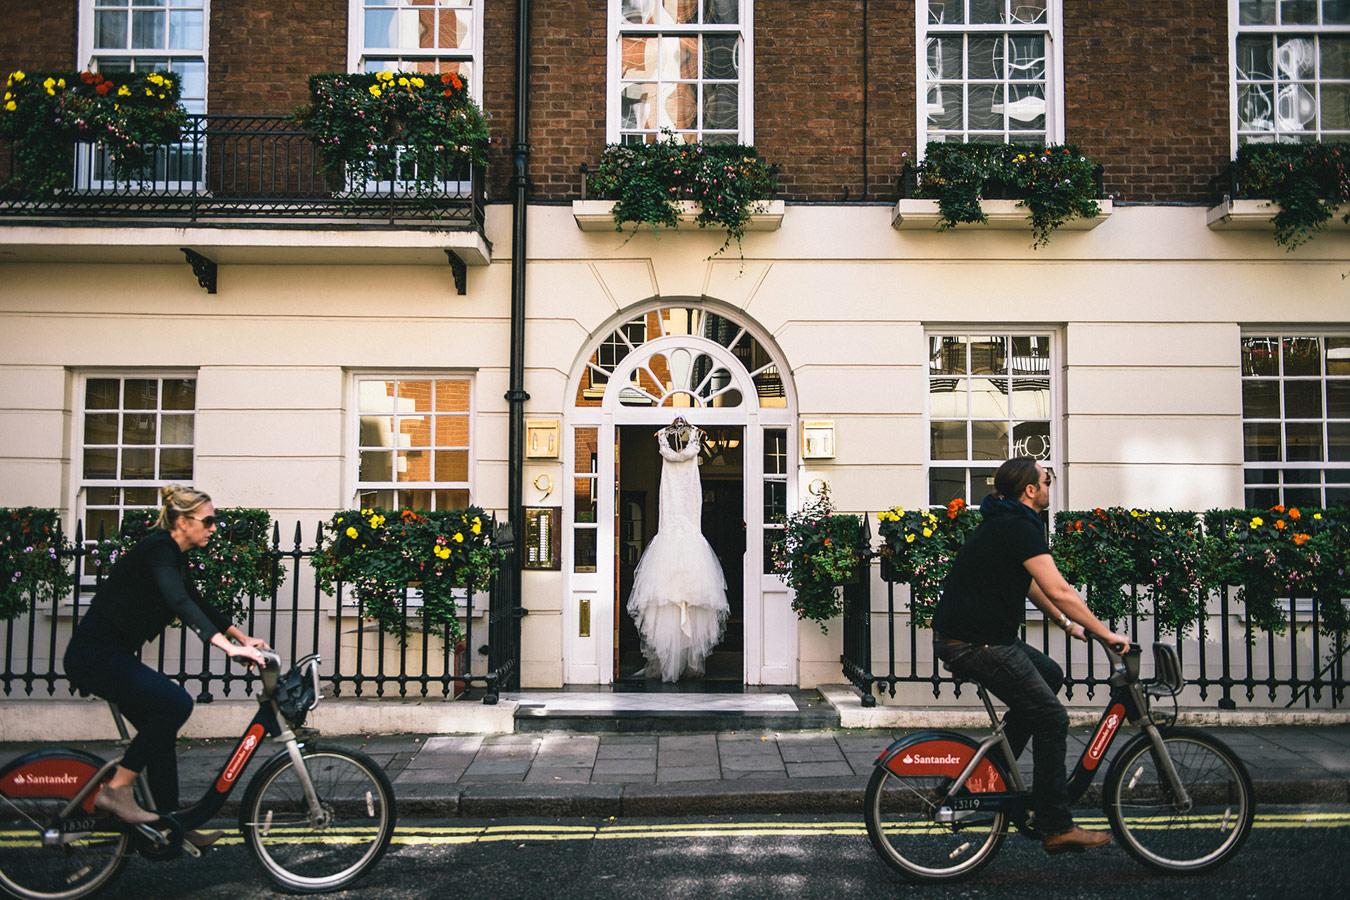 Пауло Сантос, Великобритания / Paulo Santos, United Kingdom, 2-е место в категории «Свадебные детали», Конкурс свадебной фотографии Rangefinder